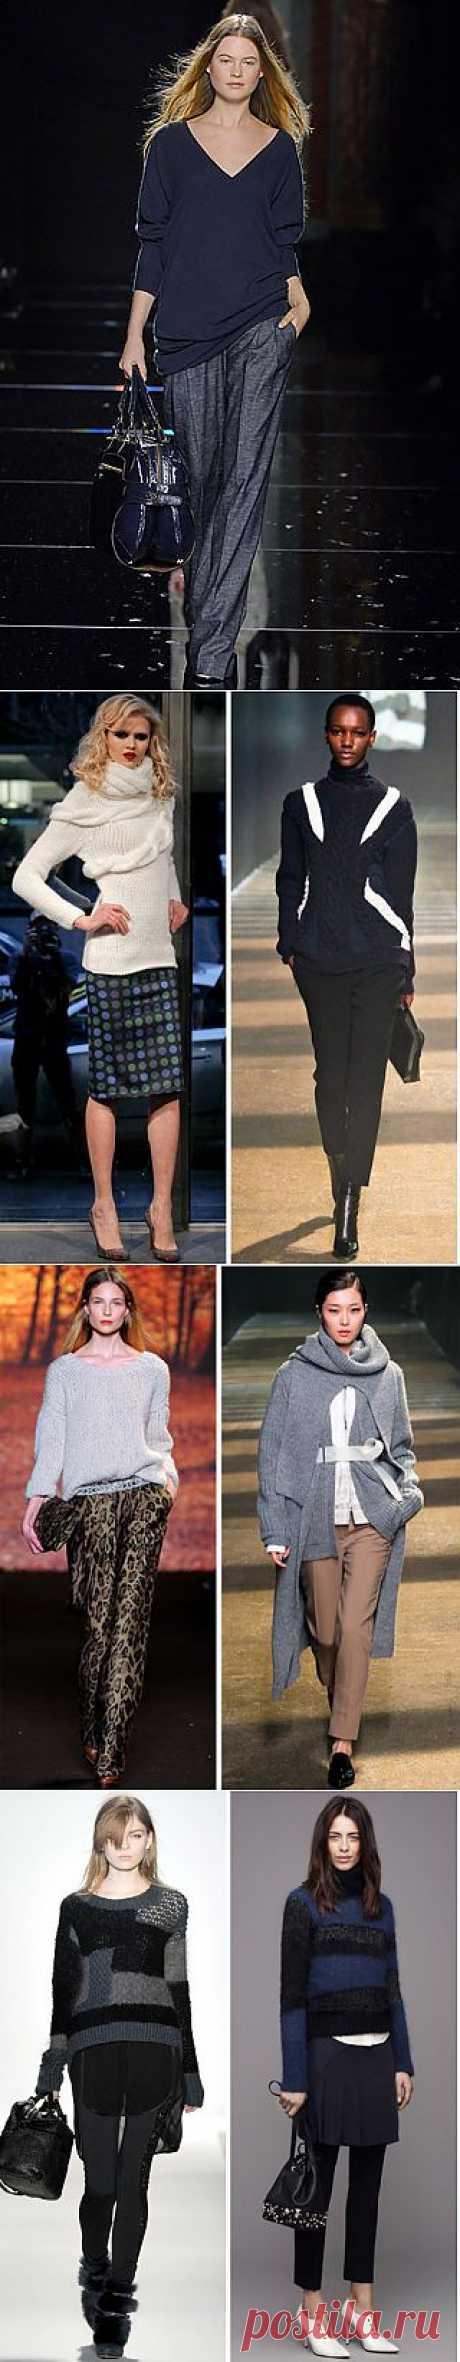 Объемный свитер – практично и стильно.